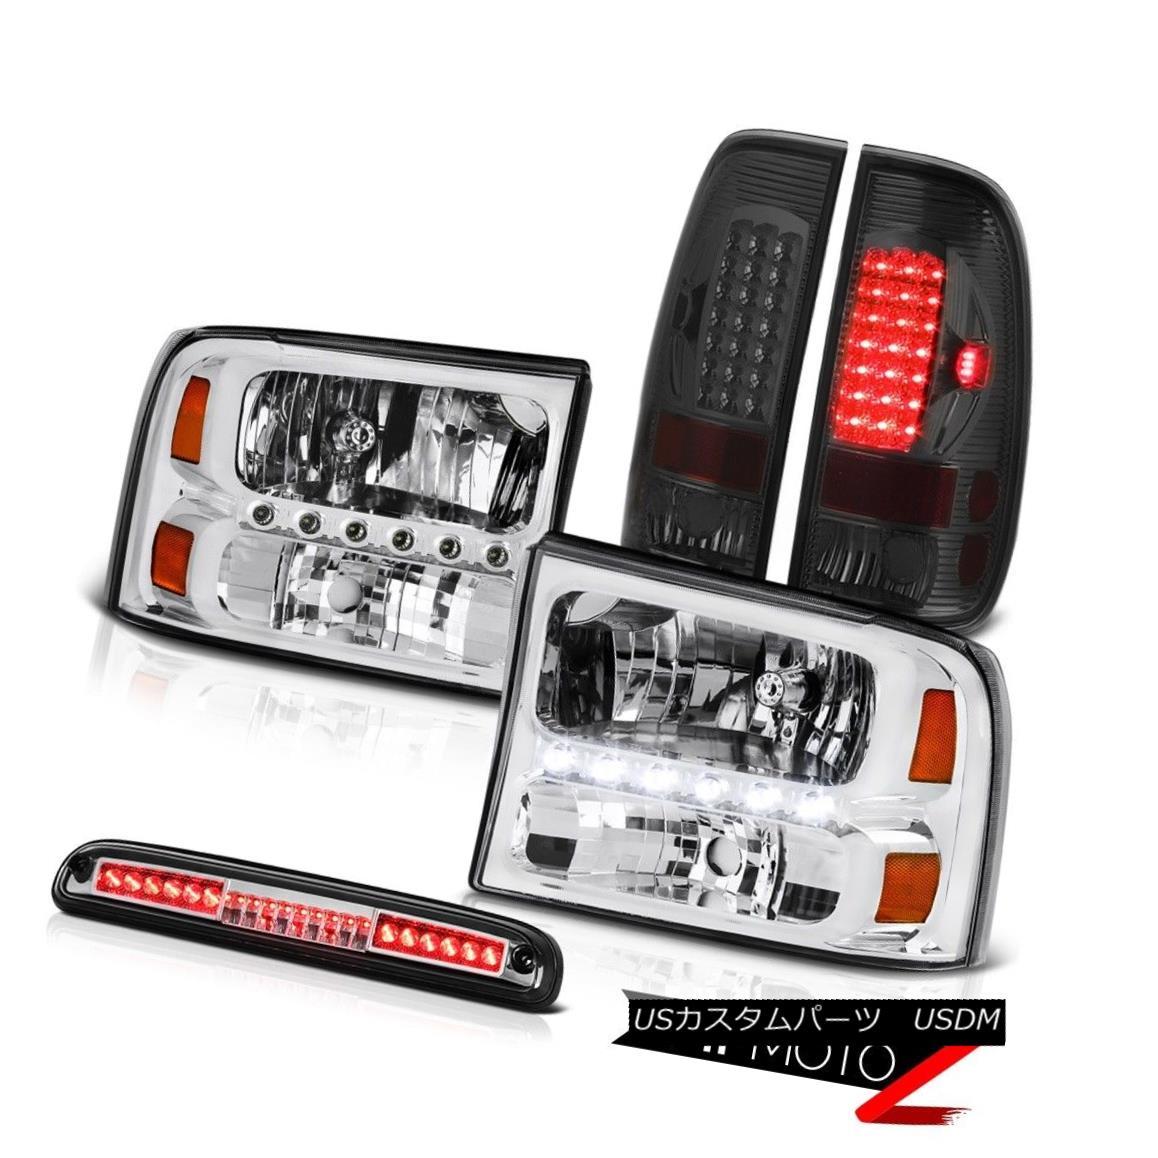 ヘッドライト Clear Headlight Smoke LED TailLight Chrome 3rd Brake 99 00 01 02 03 04 F250 7.3L クリアヘッドライトスモークLED TailLight Chrome 3rdブレーキ99 00 01 02 03 04 F250 7.3L